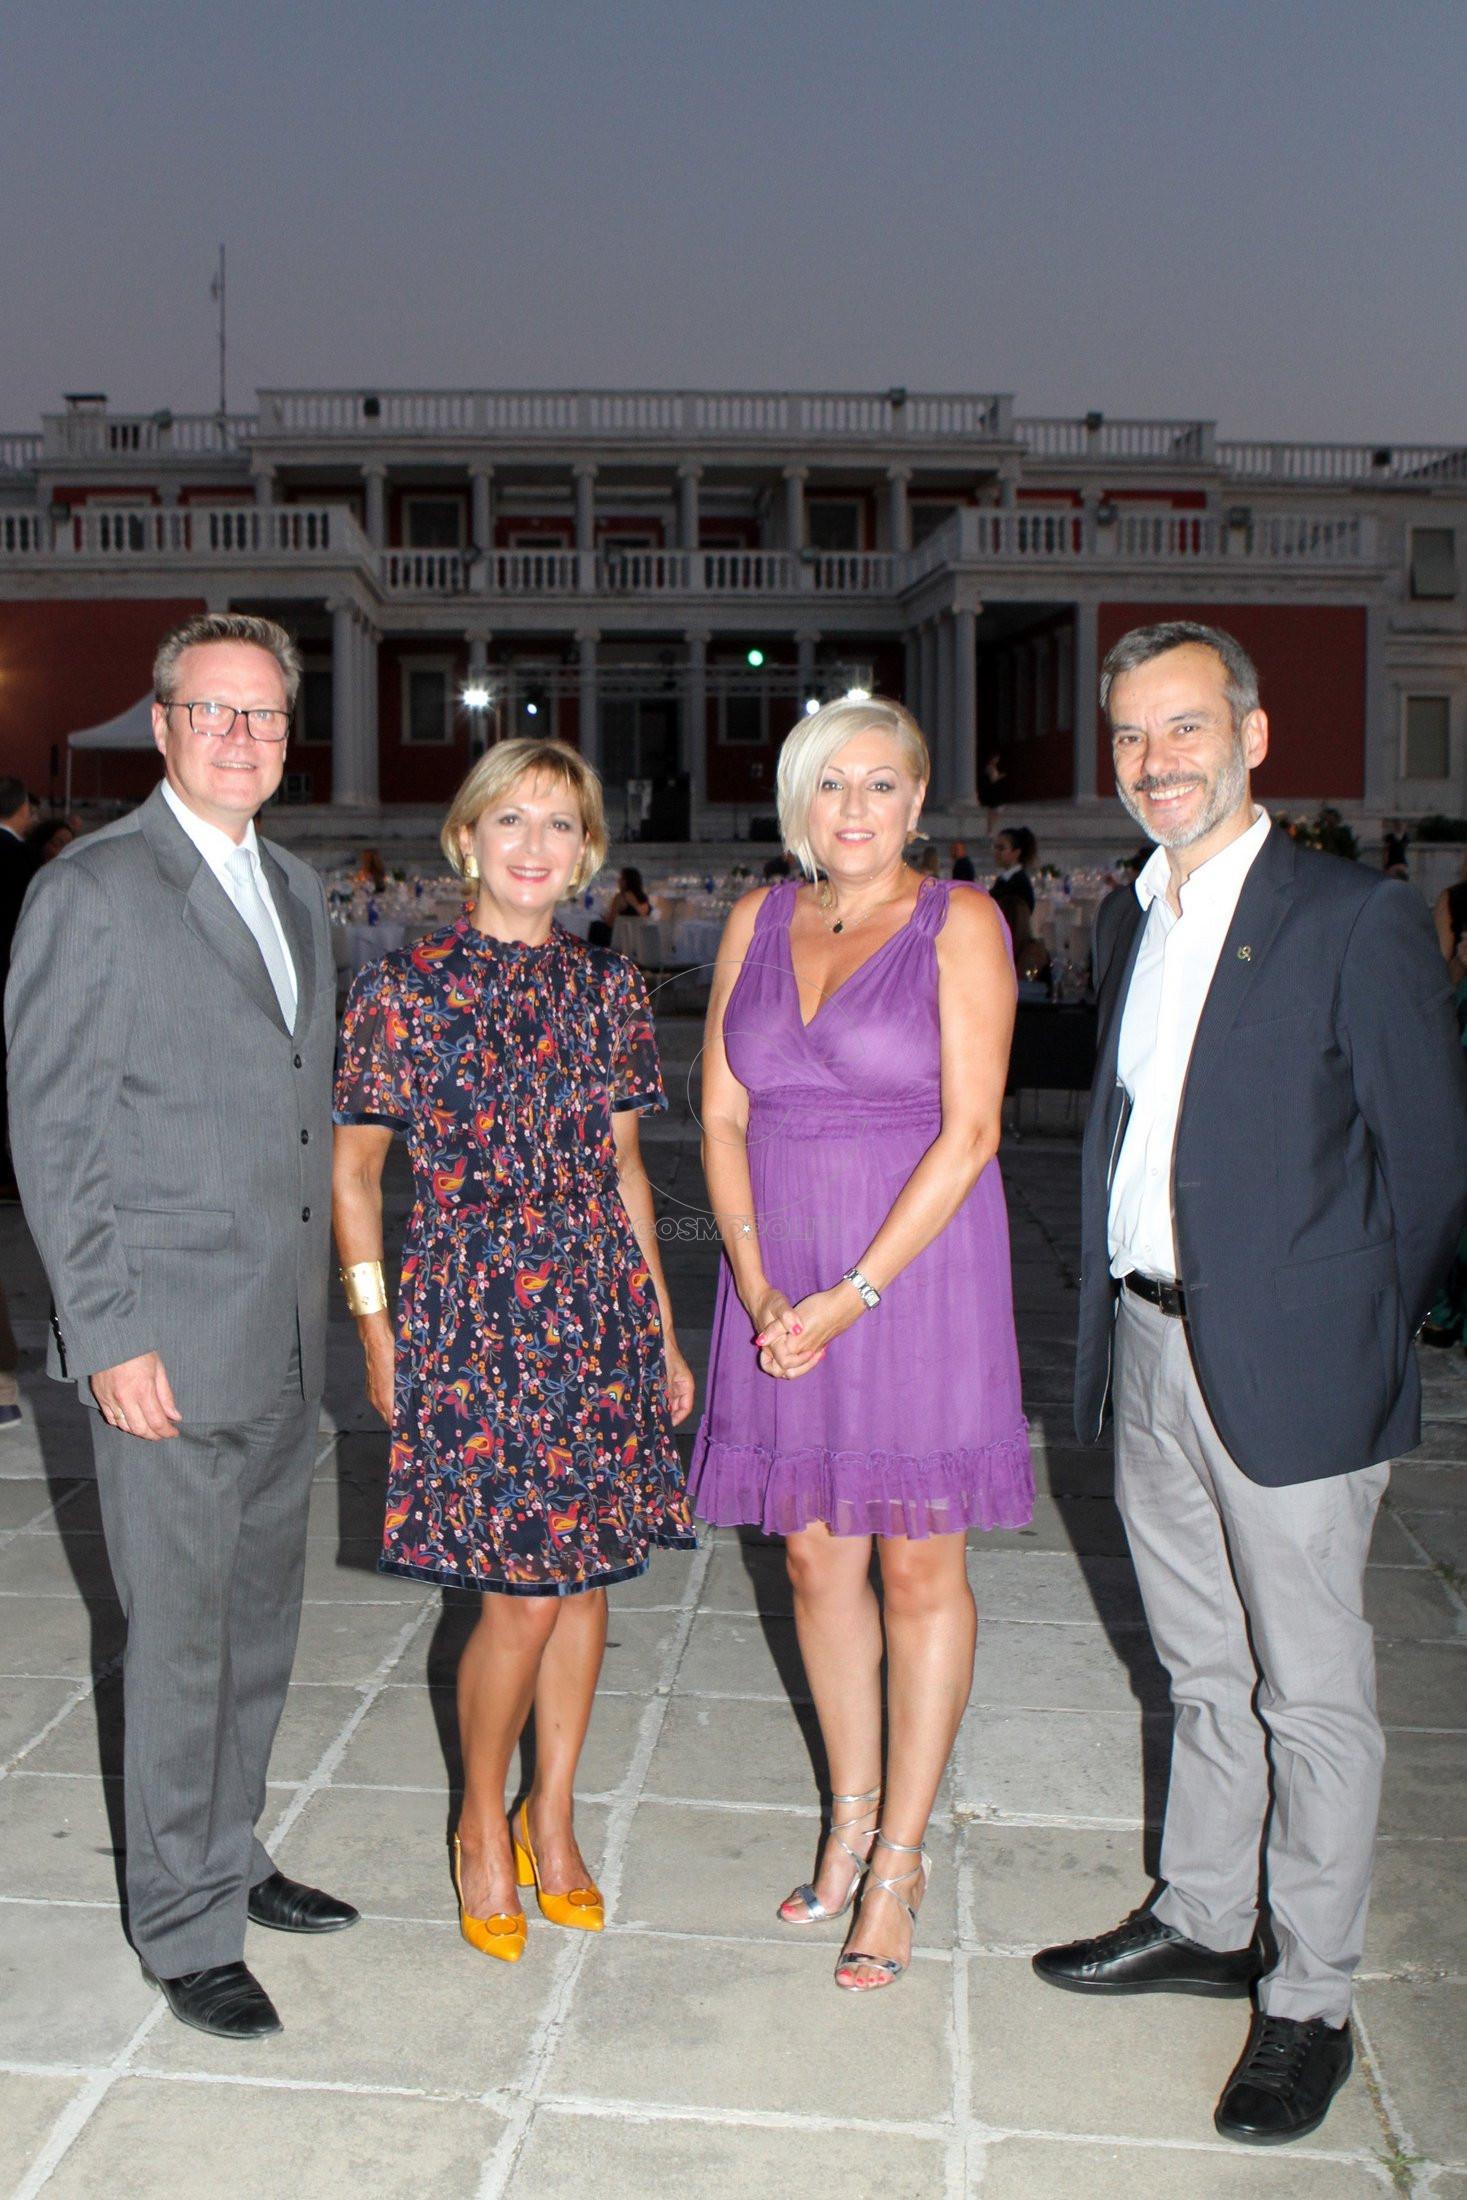 1 Οι Επίτιμοι Πρόξενοι Μάρκο Σουομαλαίνεν, Μαργαρίτα Ιγνατίδου & Δέσποινα Μαντά με τον Δήμαρχο Θεσ-νίκης Κωνσταντίνο Ζέρβα